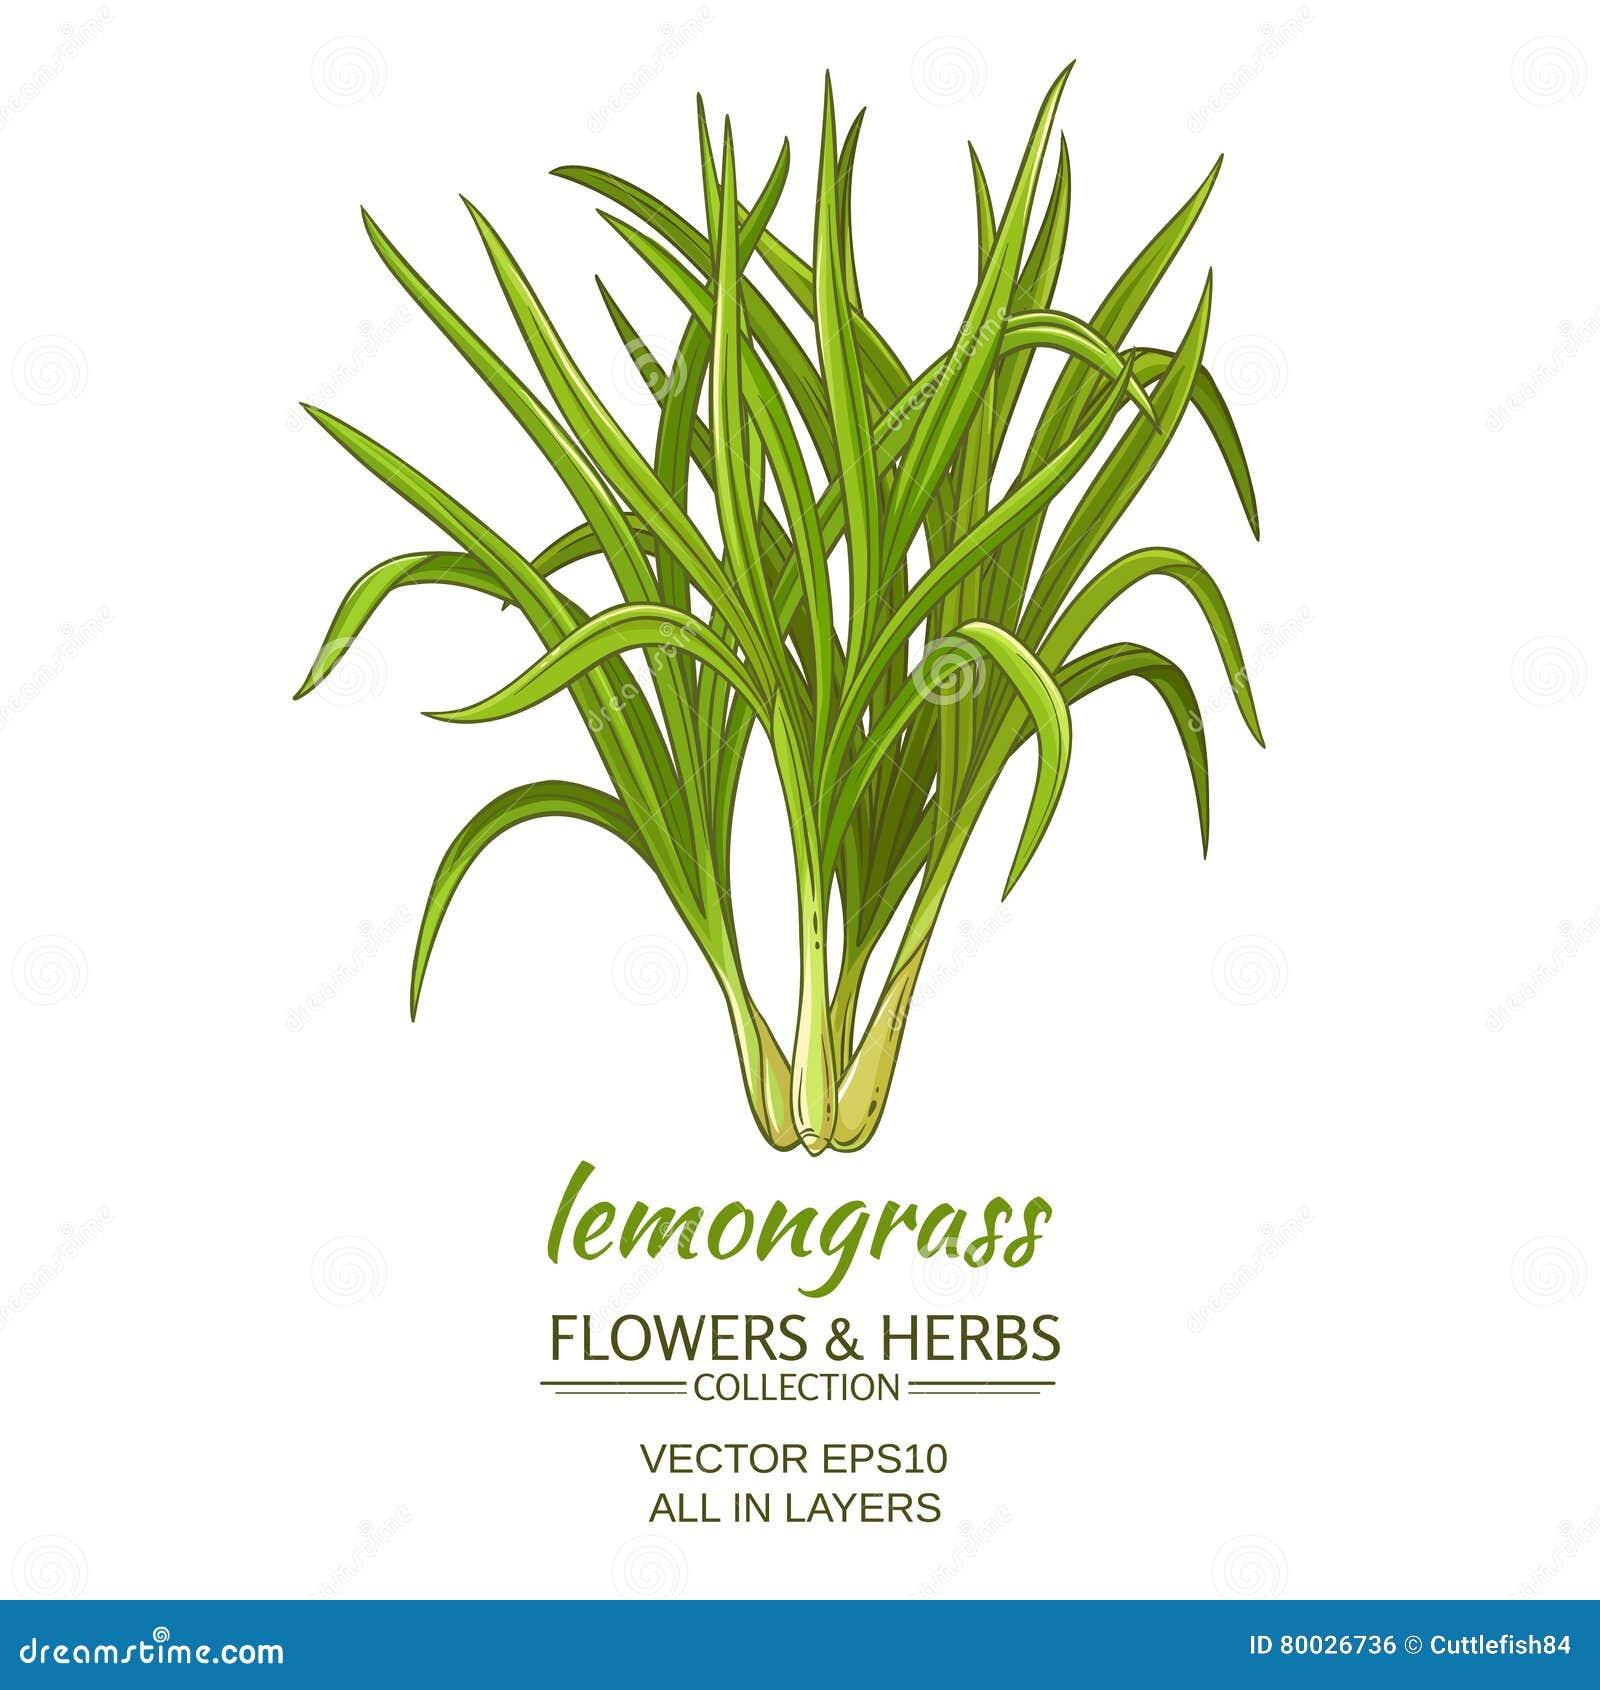 Lemongrassvektorillustration